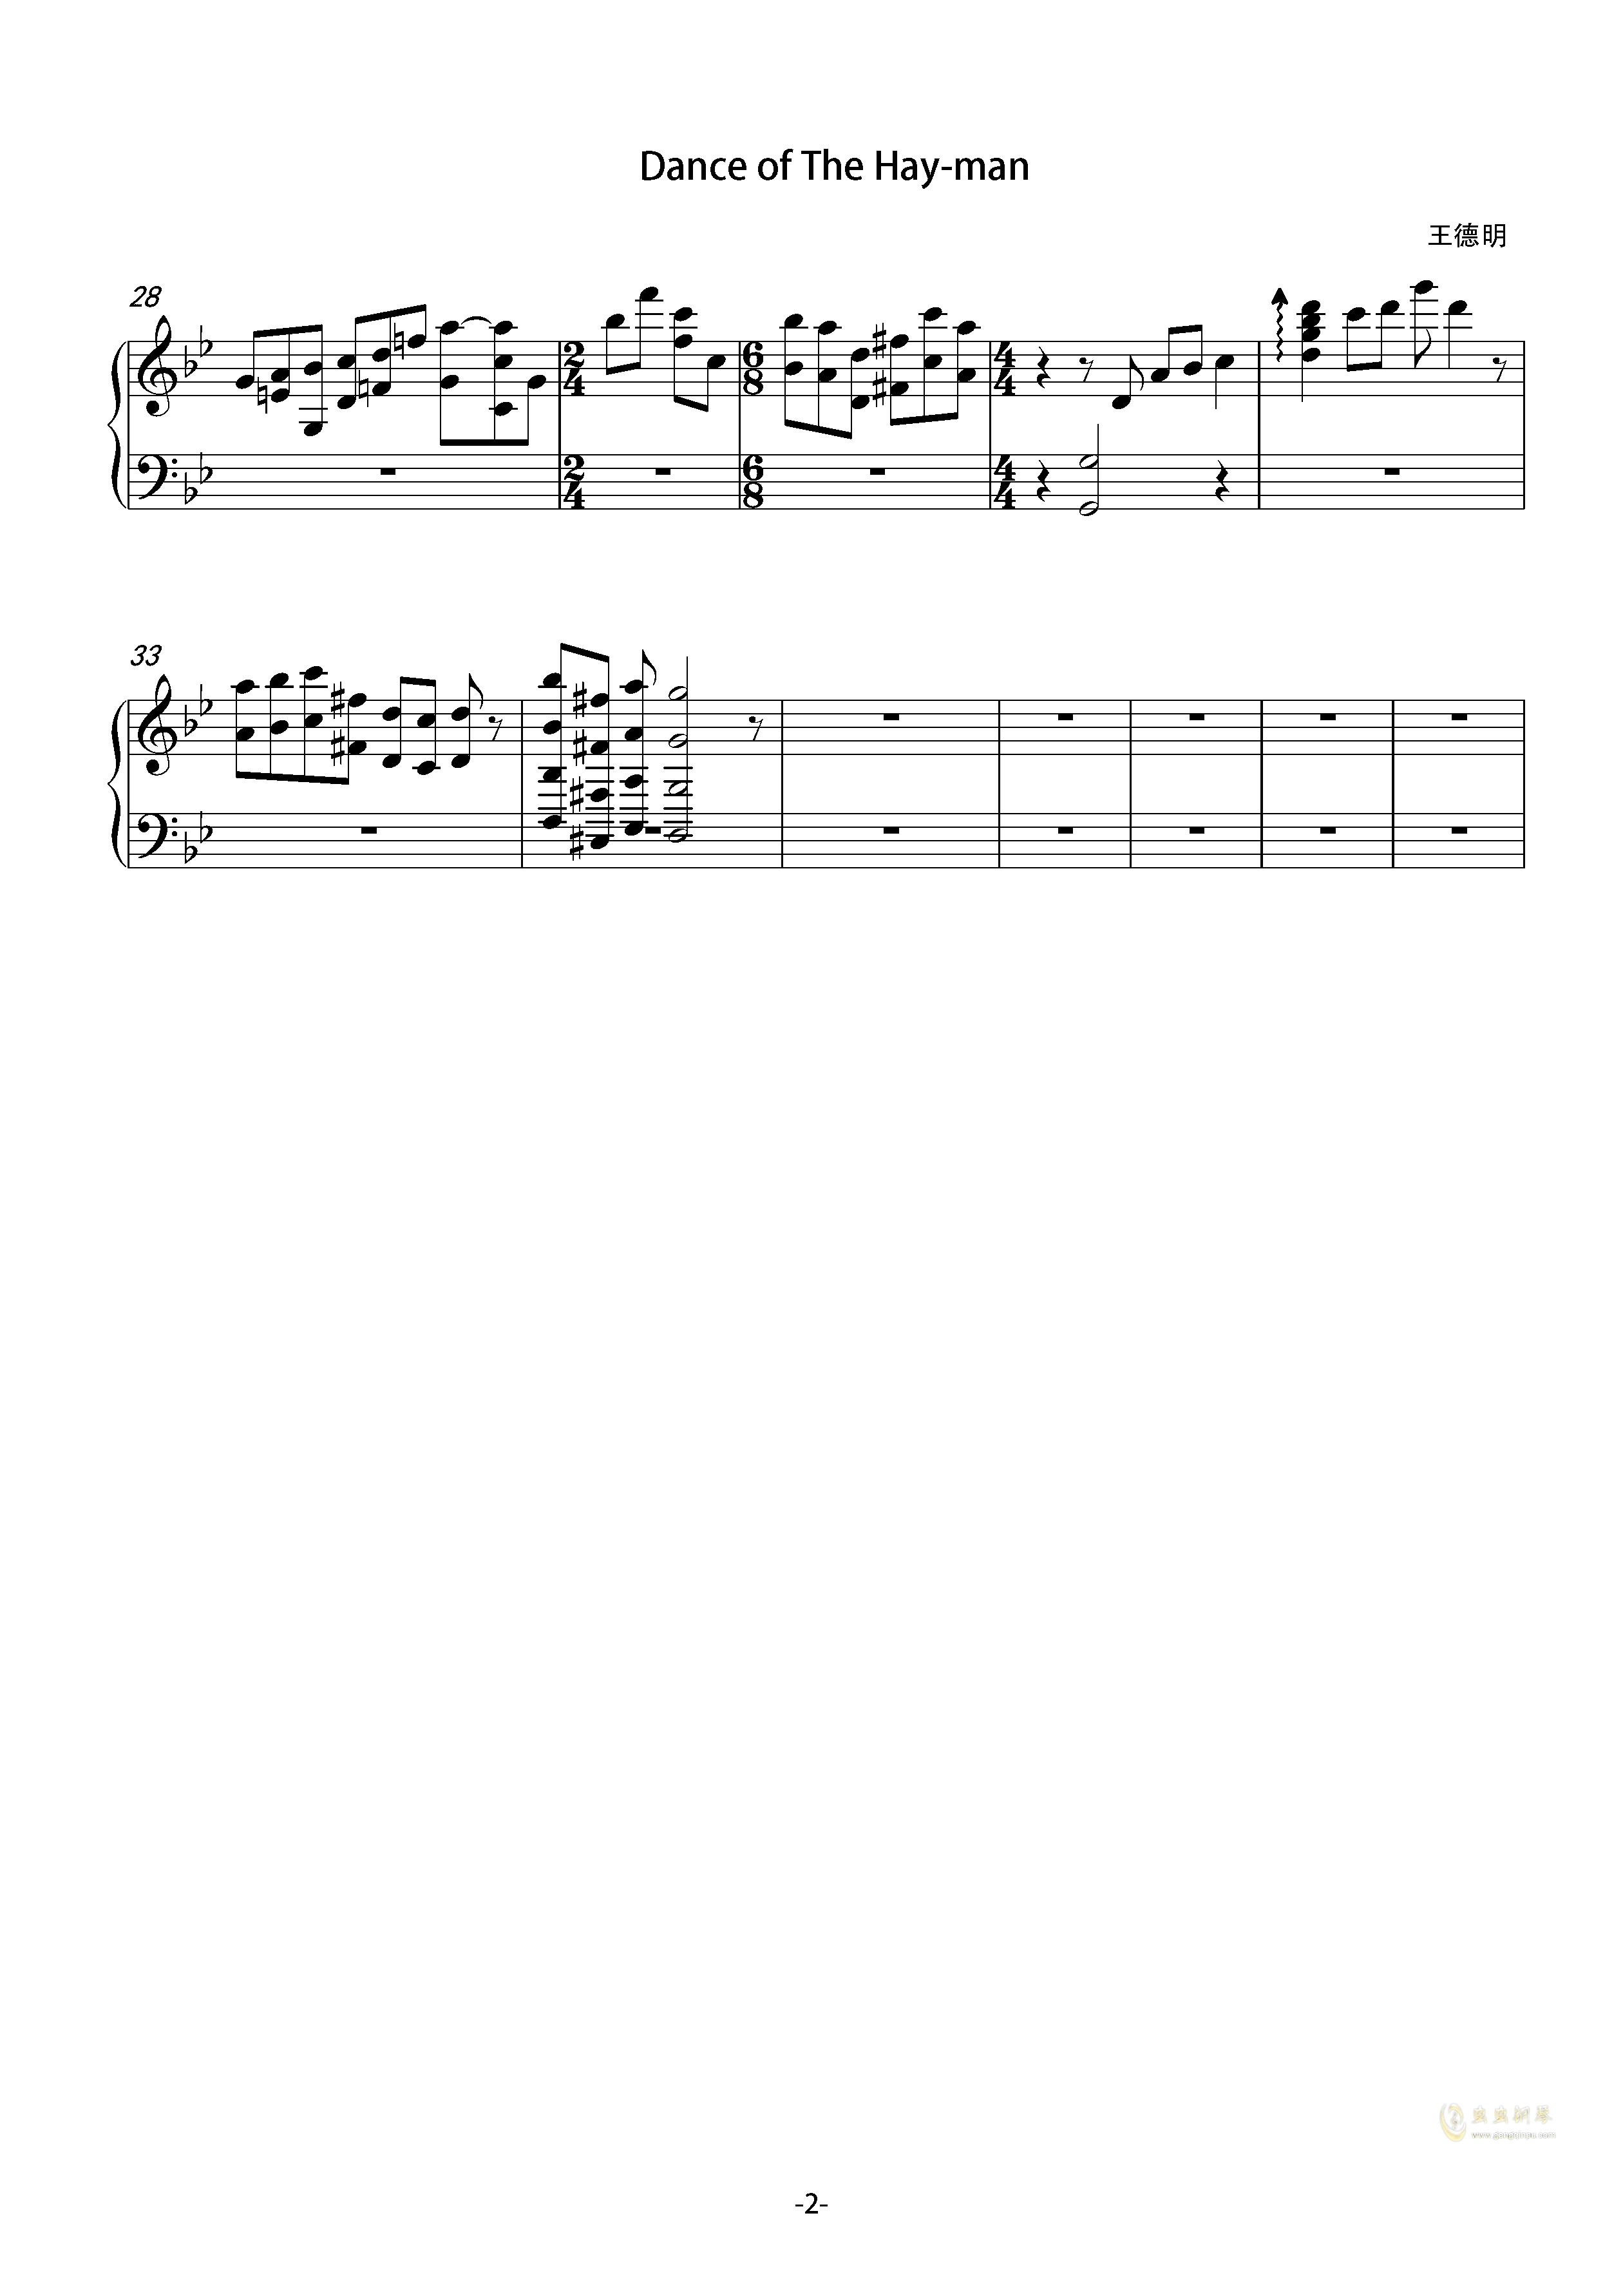 稻草人之舞钢琴谱 第2页